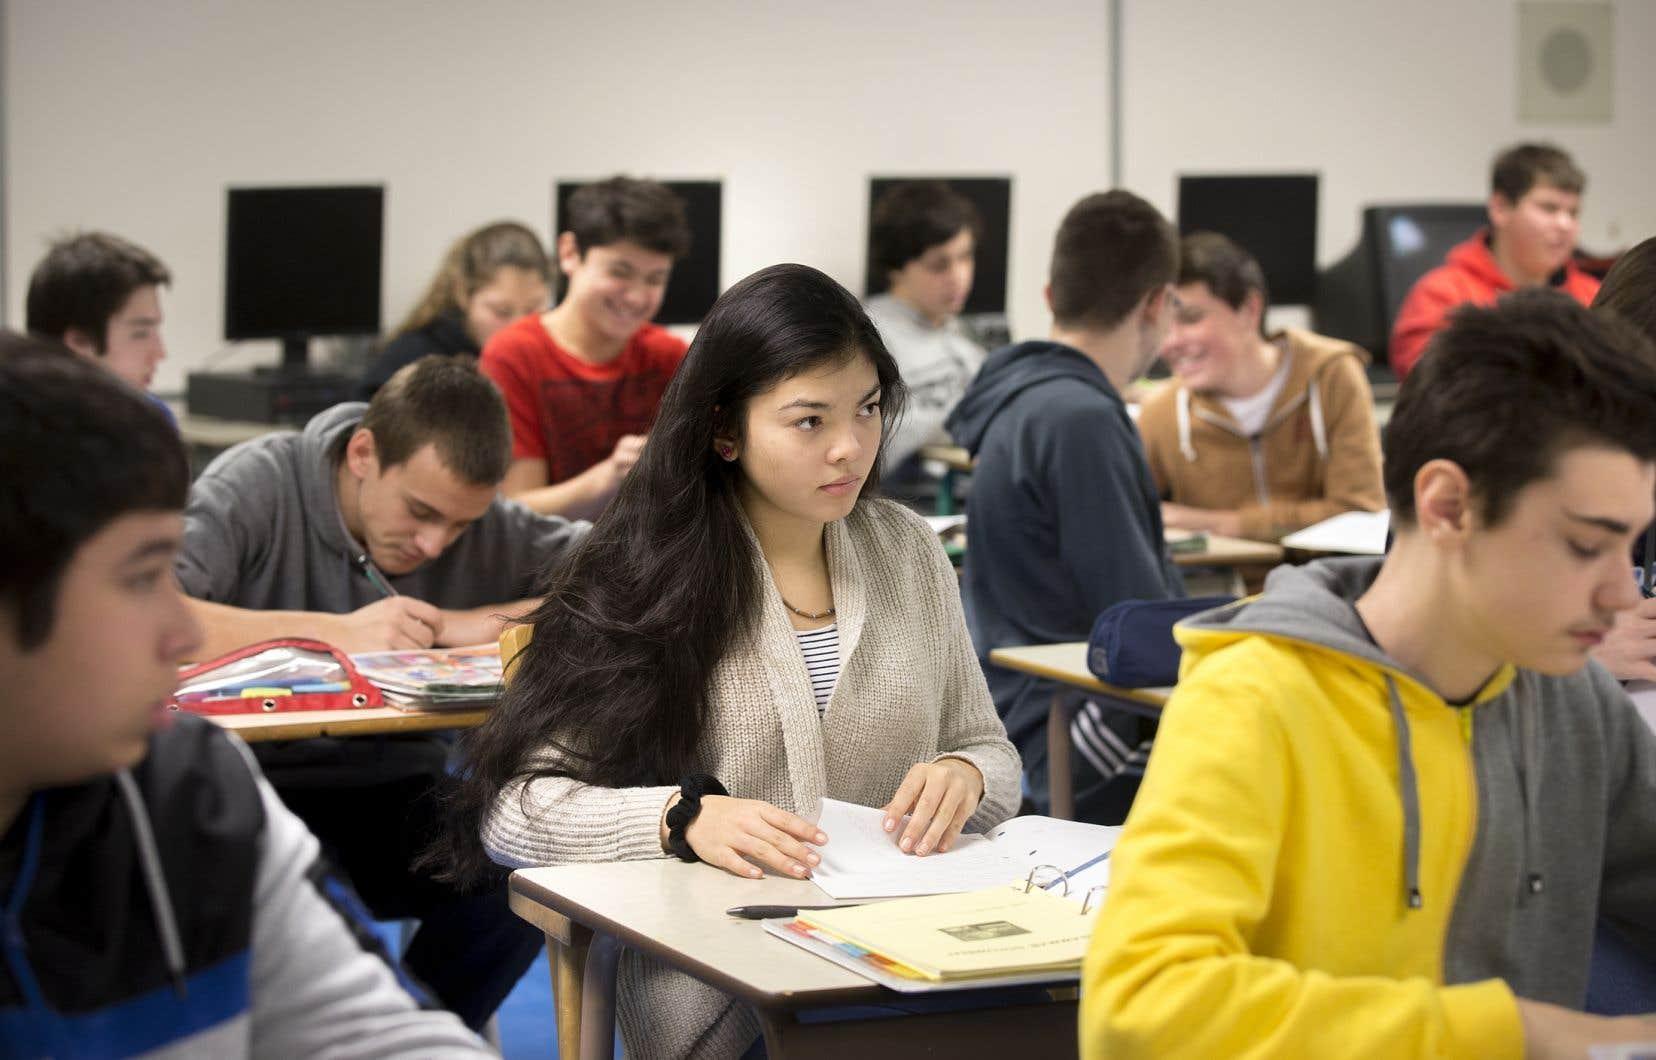 Le Parti québécoise propose de rendre l'école obligatoire jusqu'à l'âge de 18 ans ou jusqu'à l'obtention d'un premier diplôme, comme c'est maintenant le cas en Ontario, soulignent les auteurs.